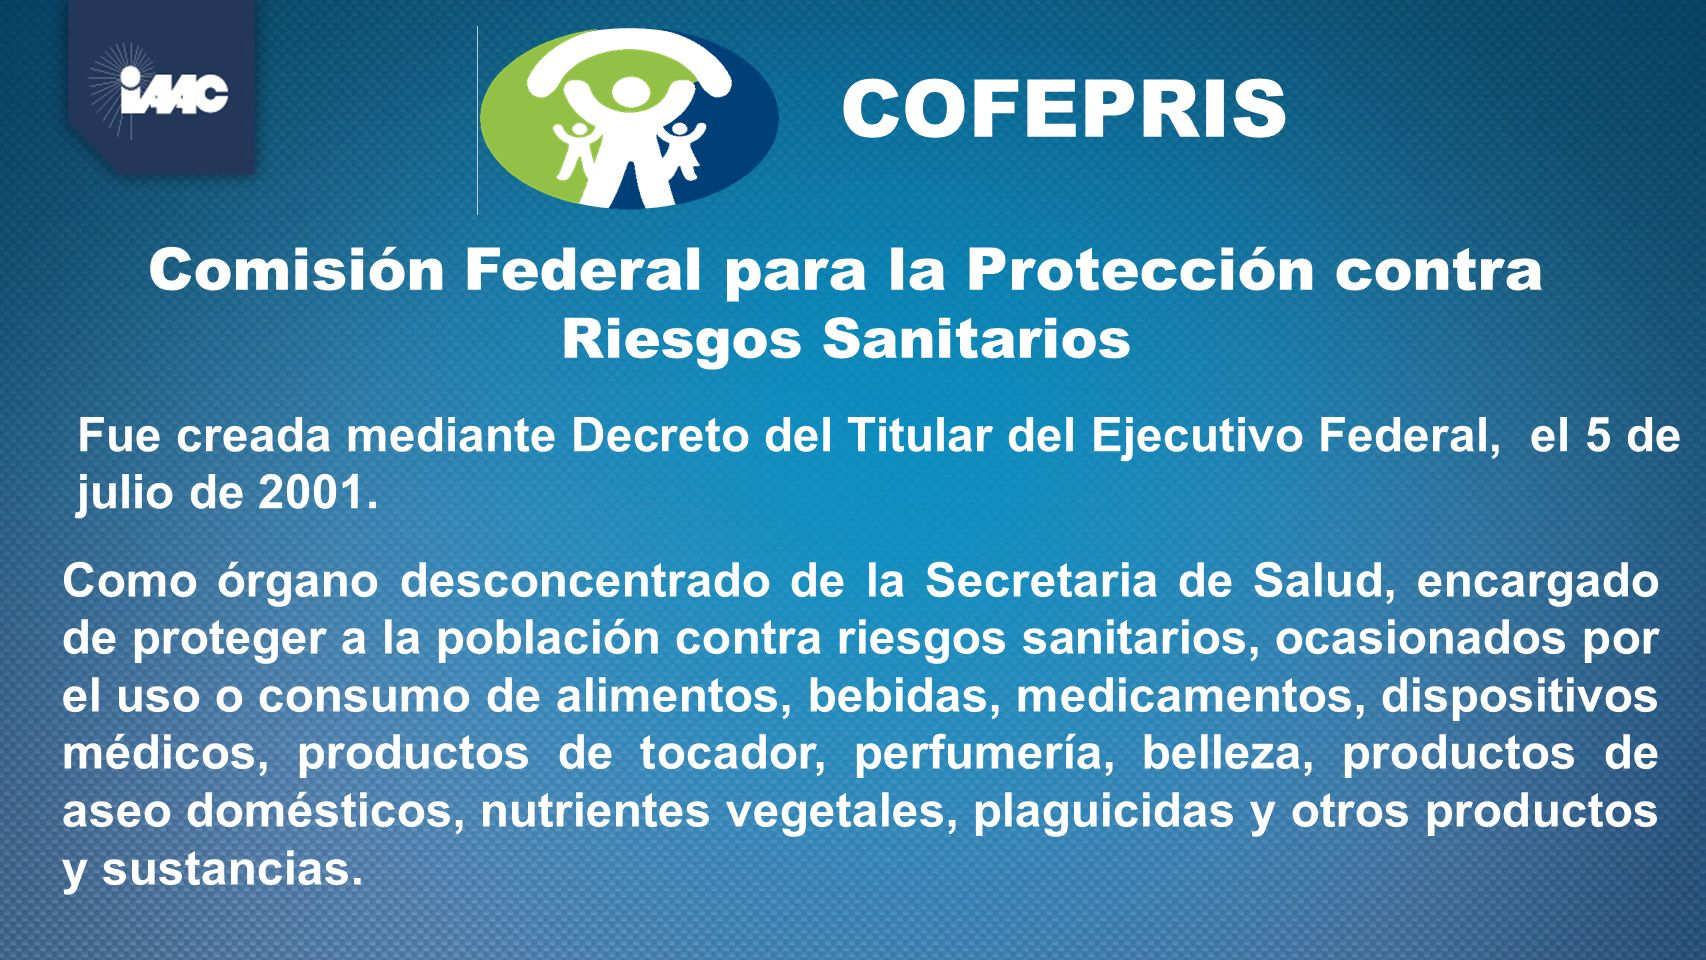 Fue creada mediante Decreto del Titular del Ejecutivo Federal, el 5 de julio de 2001. Como órgano desconcentrado de la Secretaria de Salud, encargado